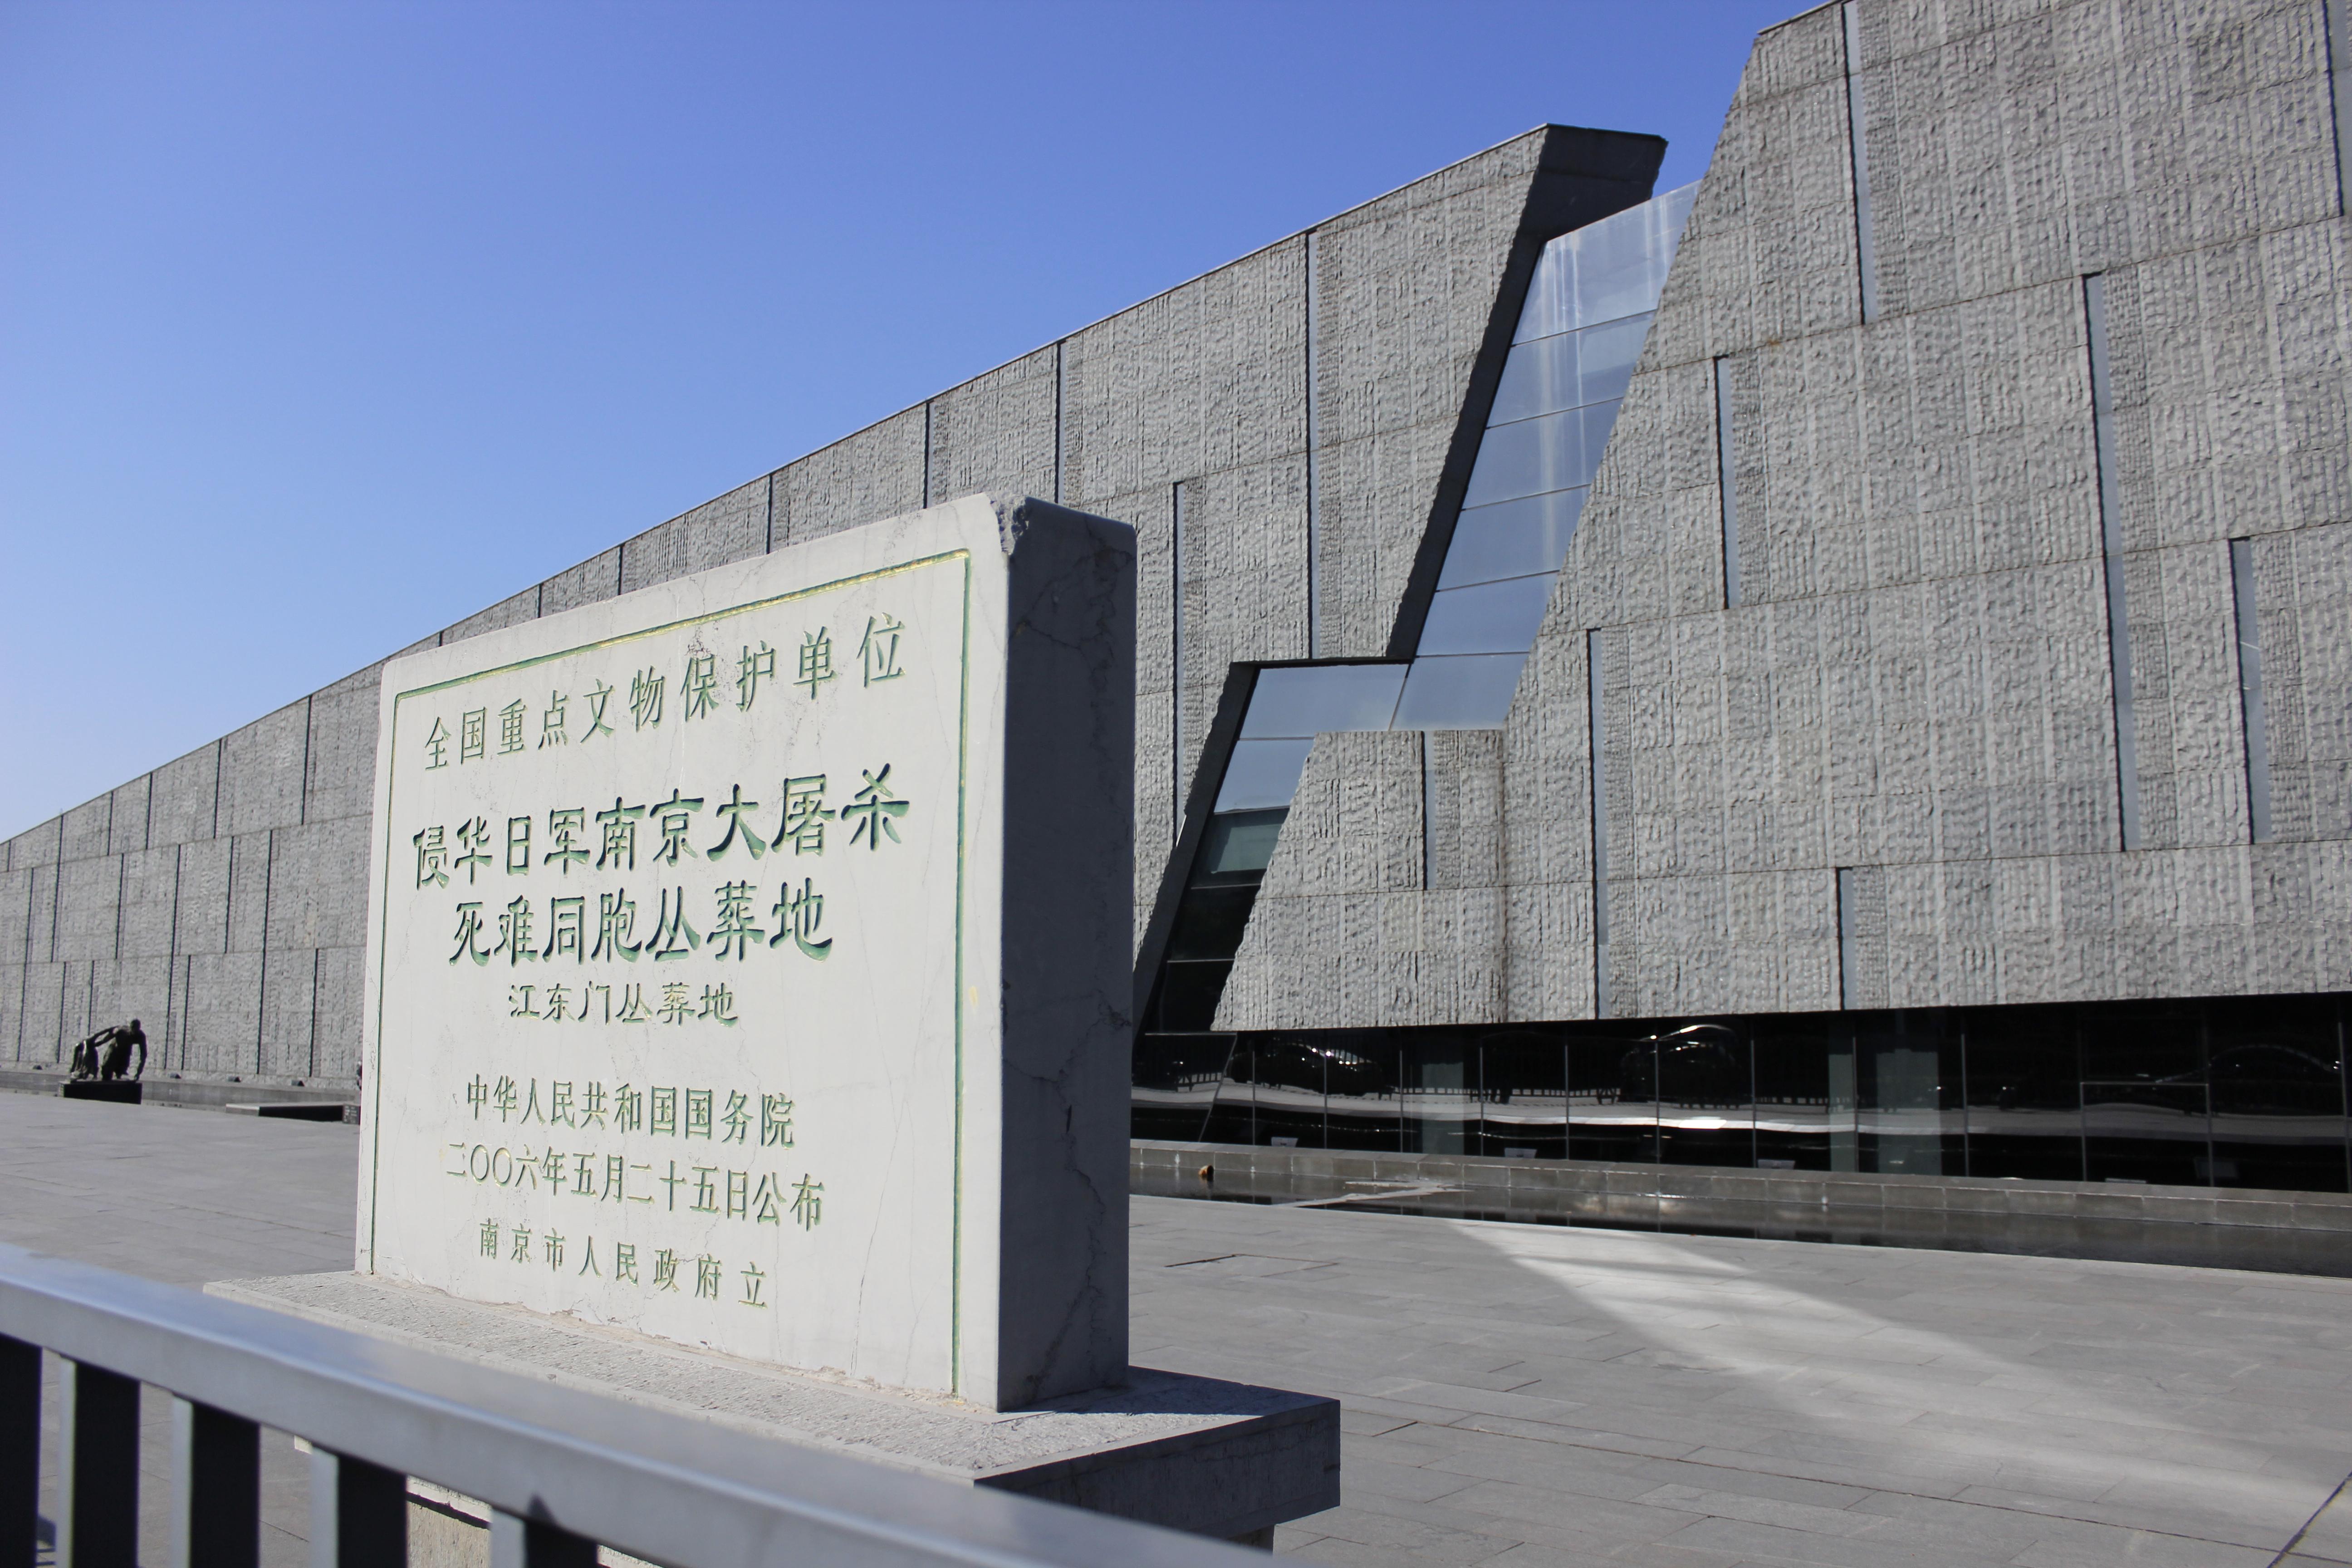 南京大屠杀纪念馆_南京大屠杀纪念馆怎么去?-